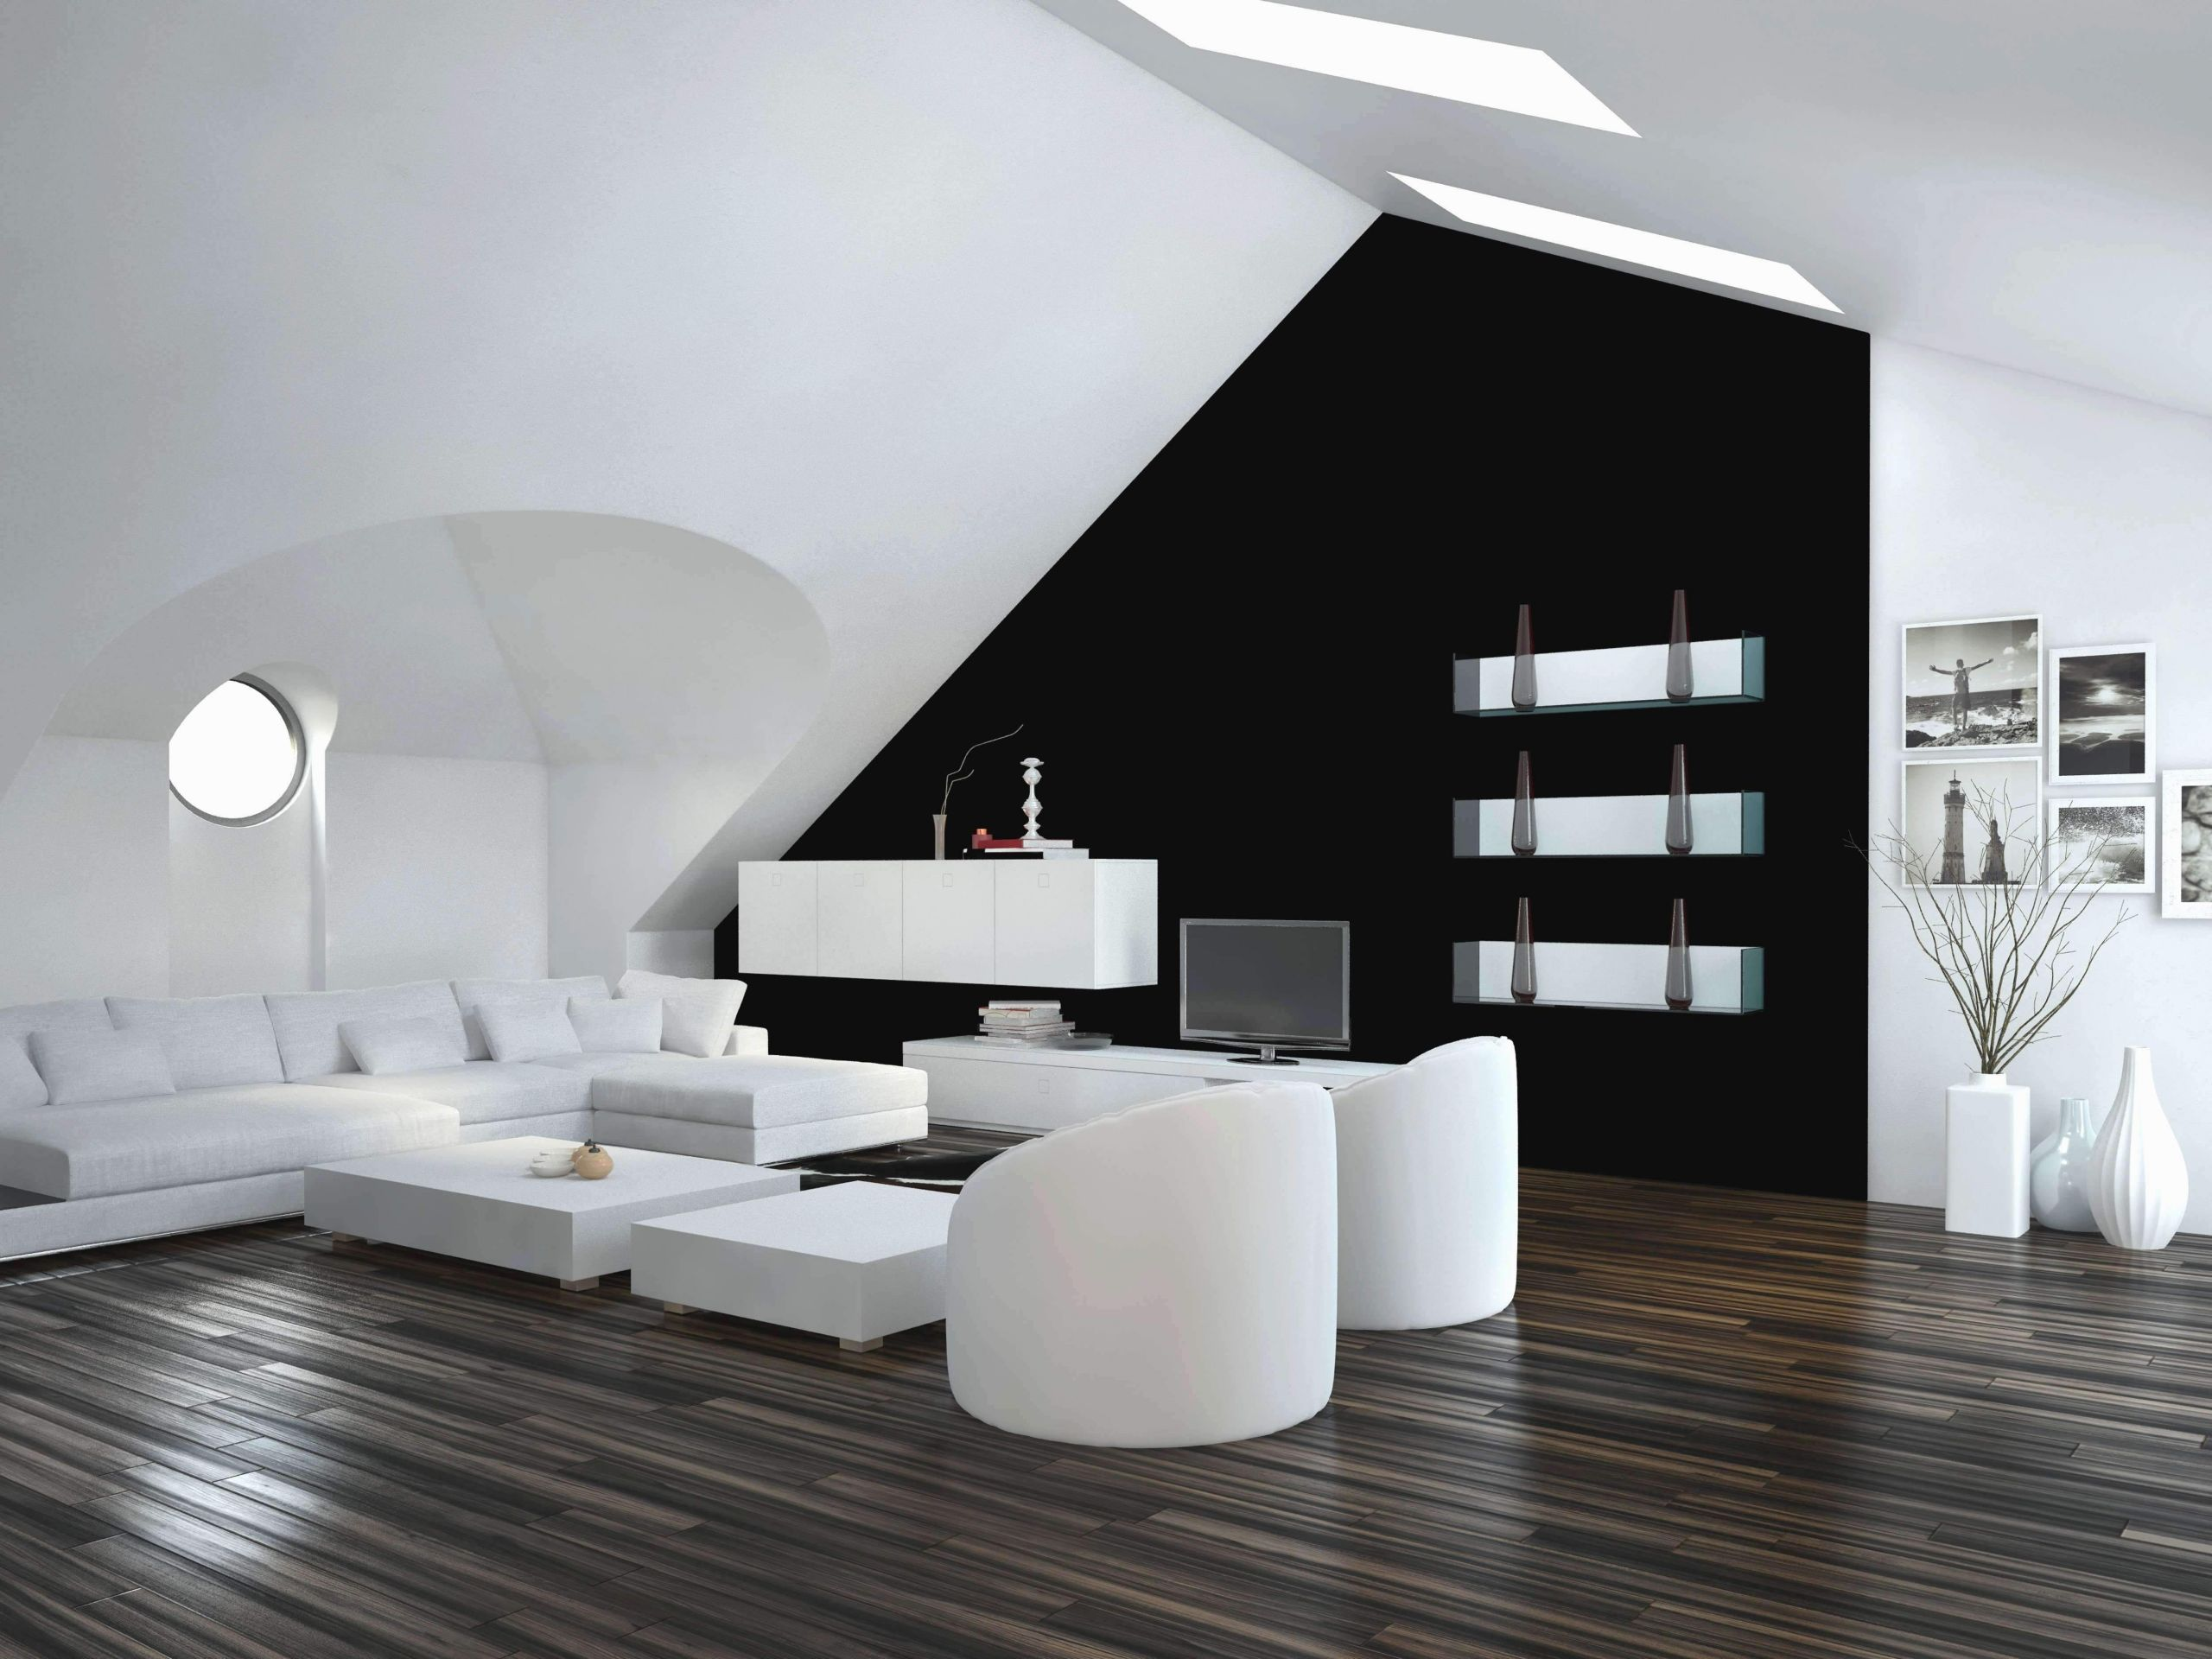 dekoideen wohnzimmer selber machen das beste von steinwand wohnzimmer selber machen einzigartig wohnzimmer of dekoideen wohnzimmer selber machen scaled